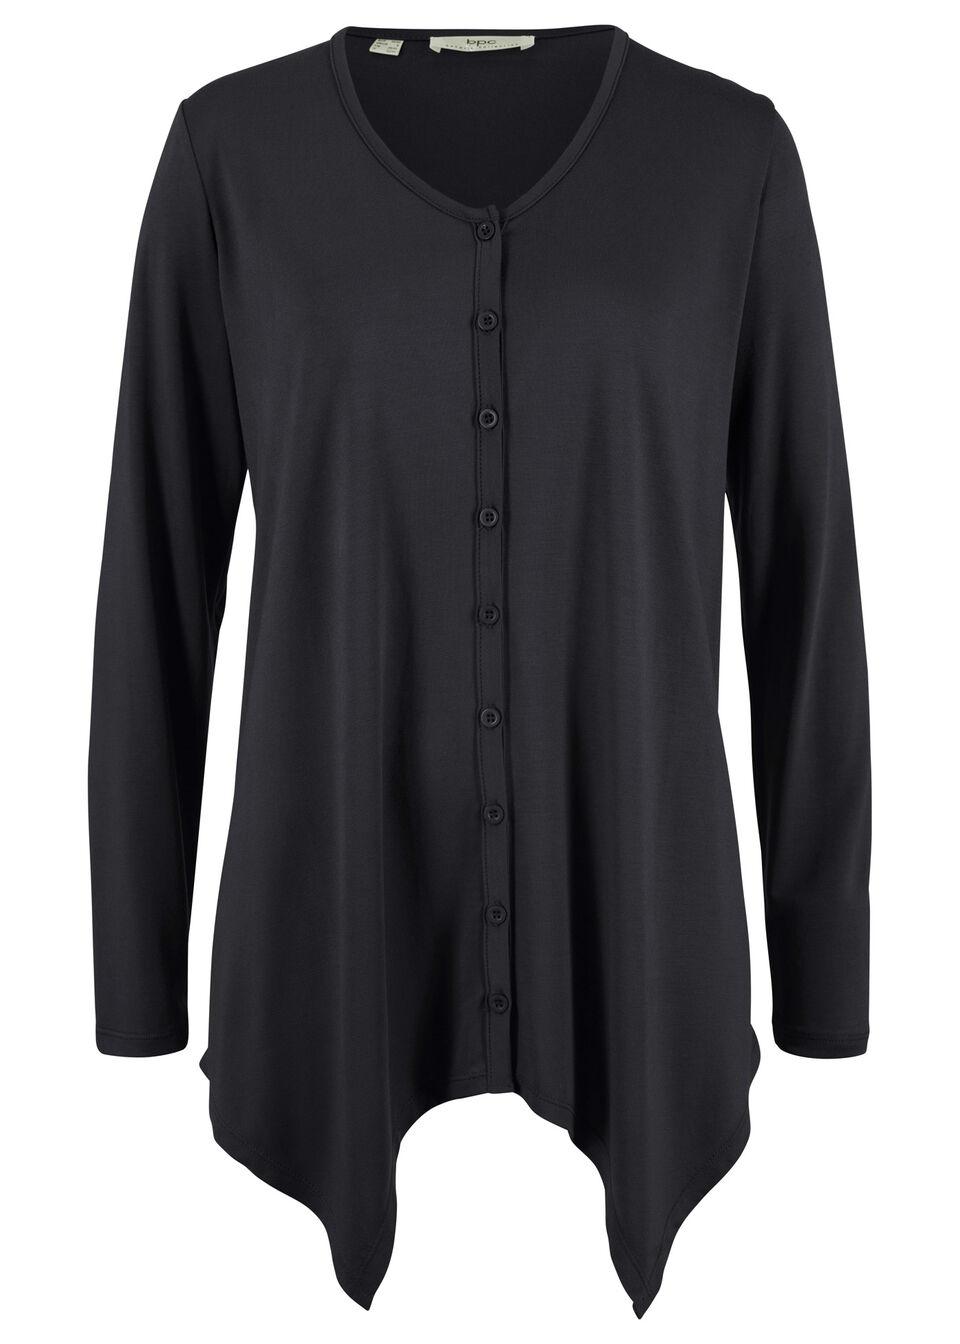 e8a304362dde Pletený sveter s cípmi